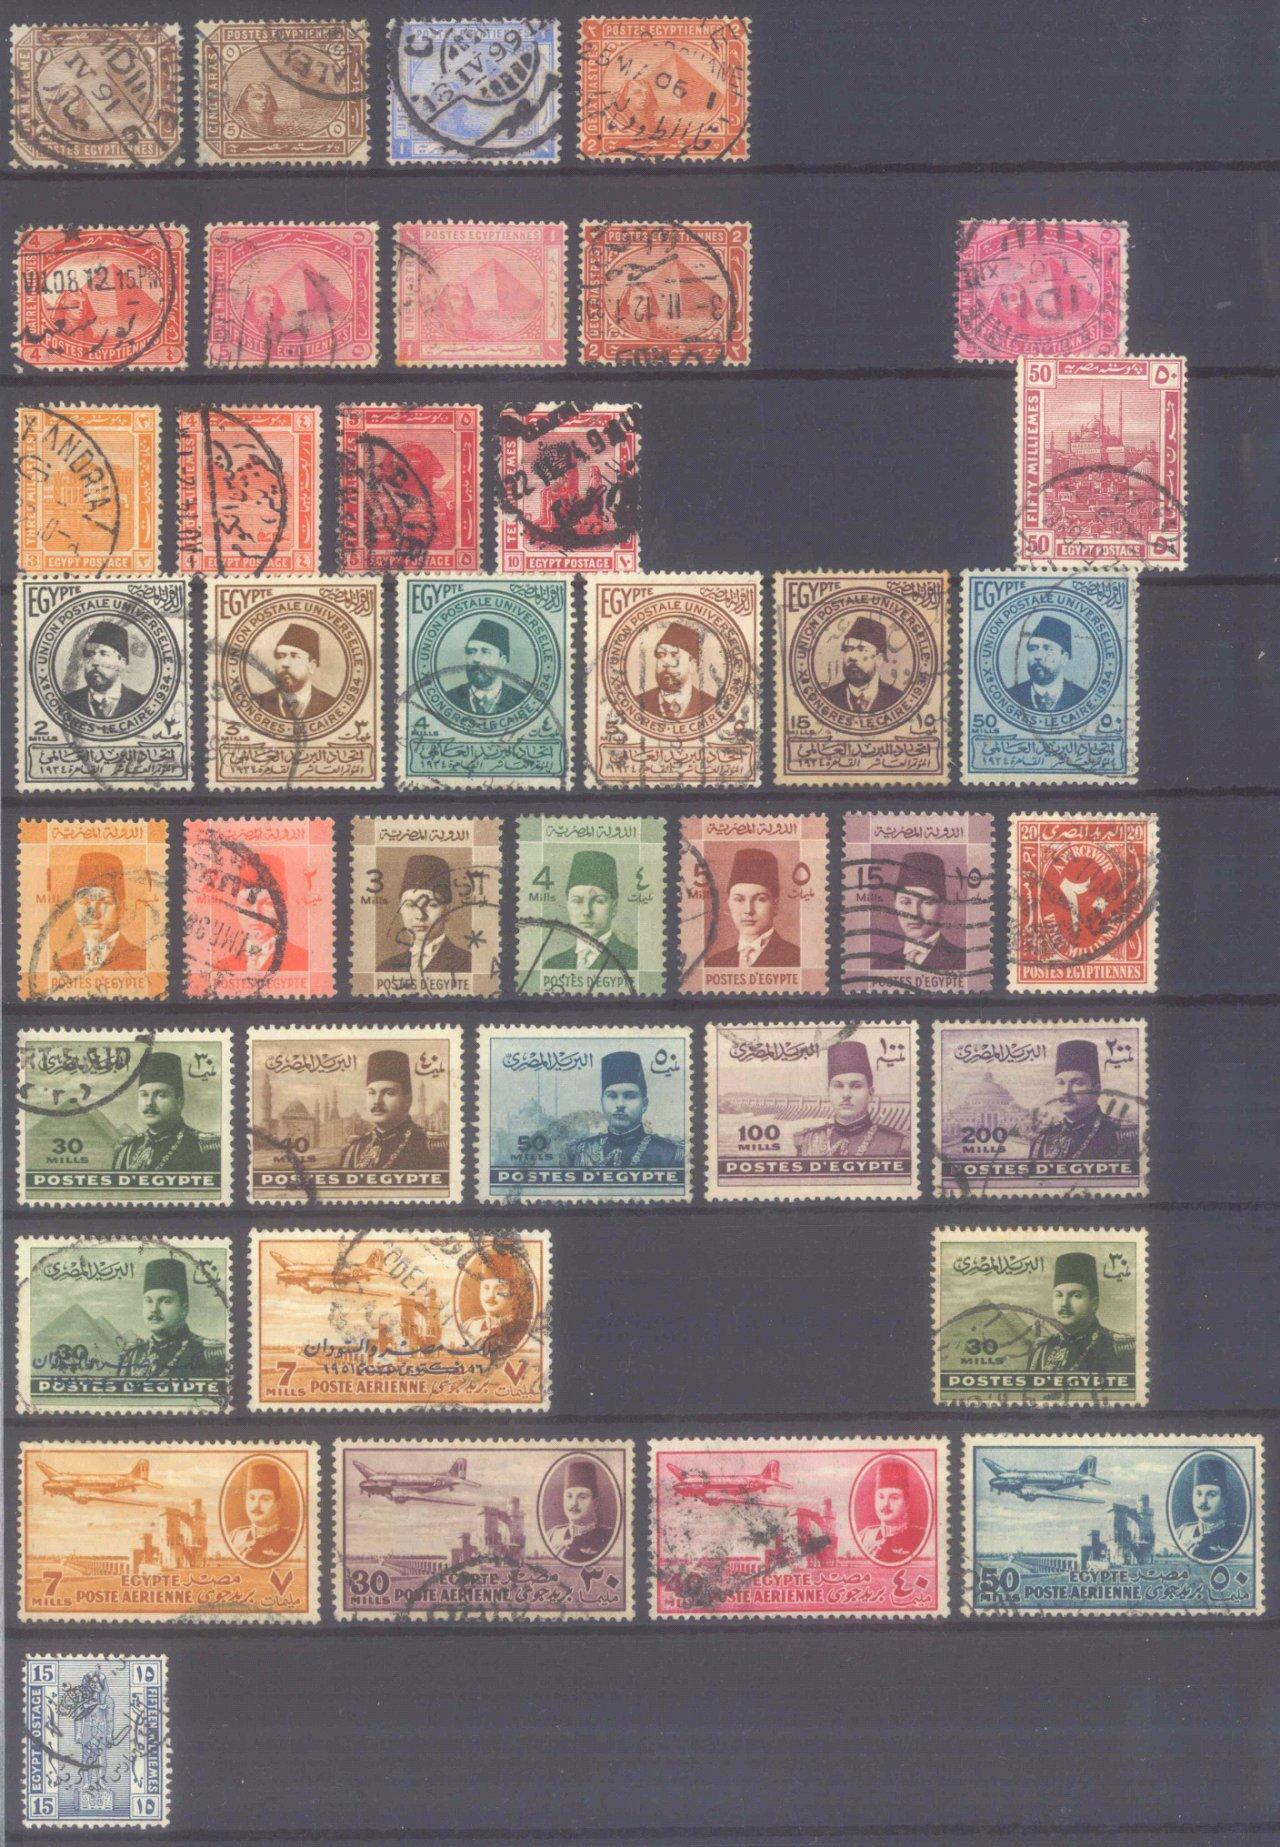 Briefmarkennachlass Alle Welt, dabei auch China-19